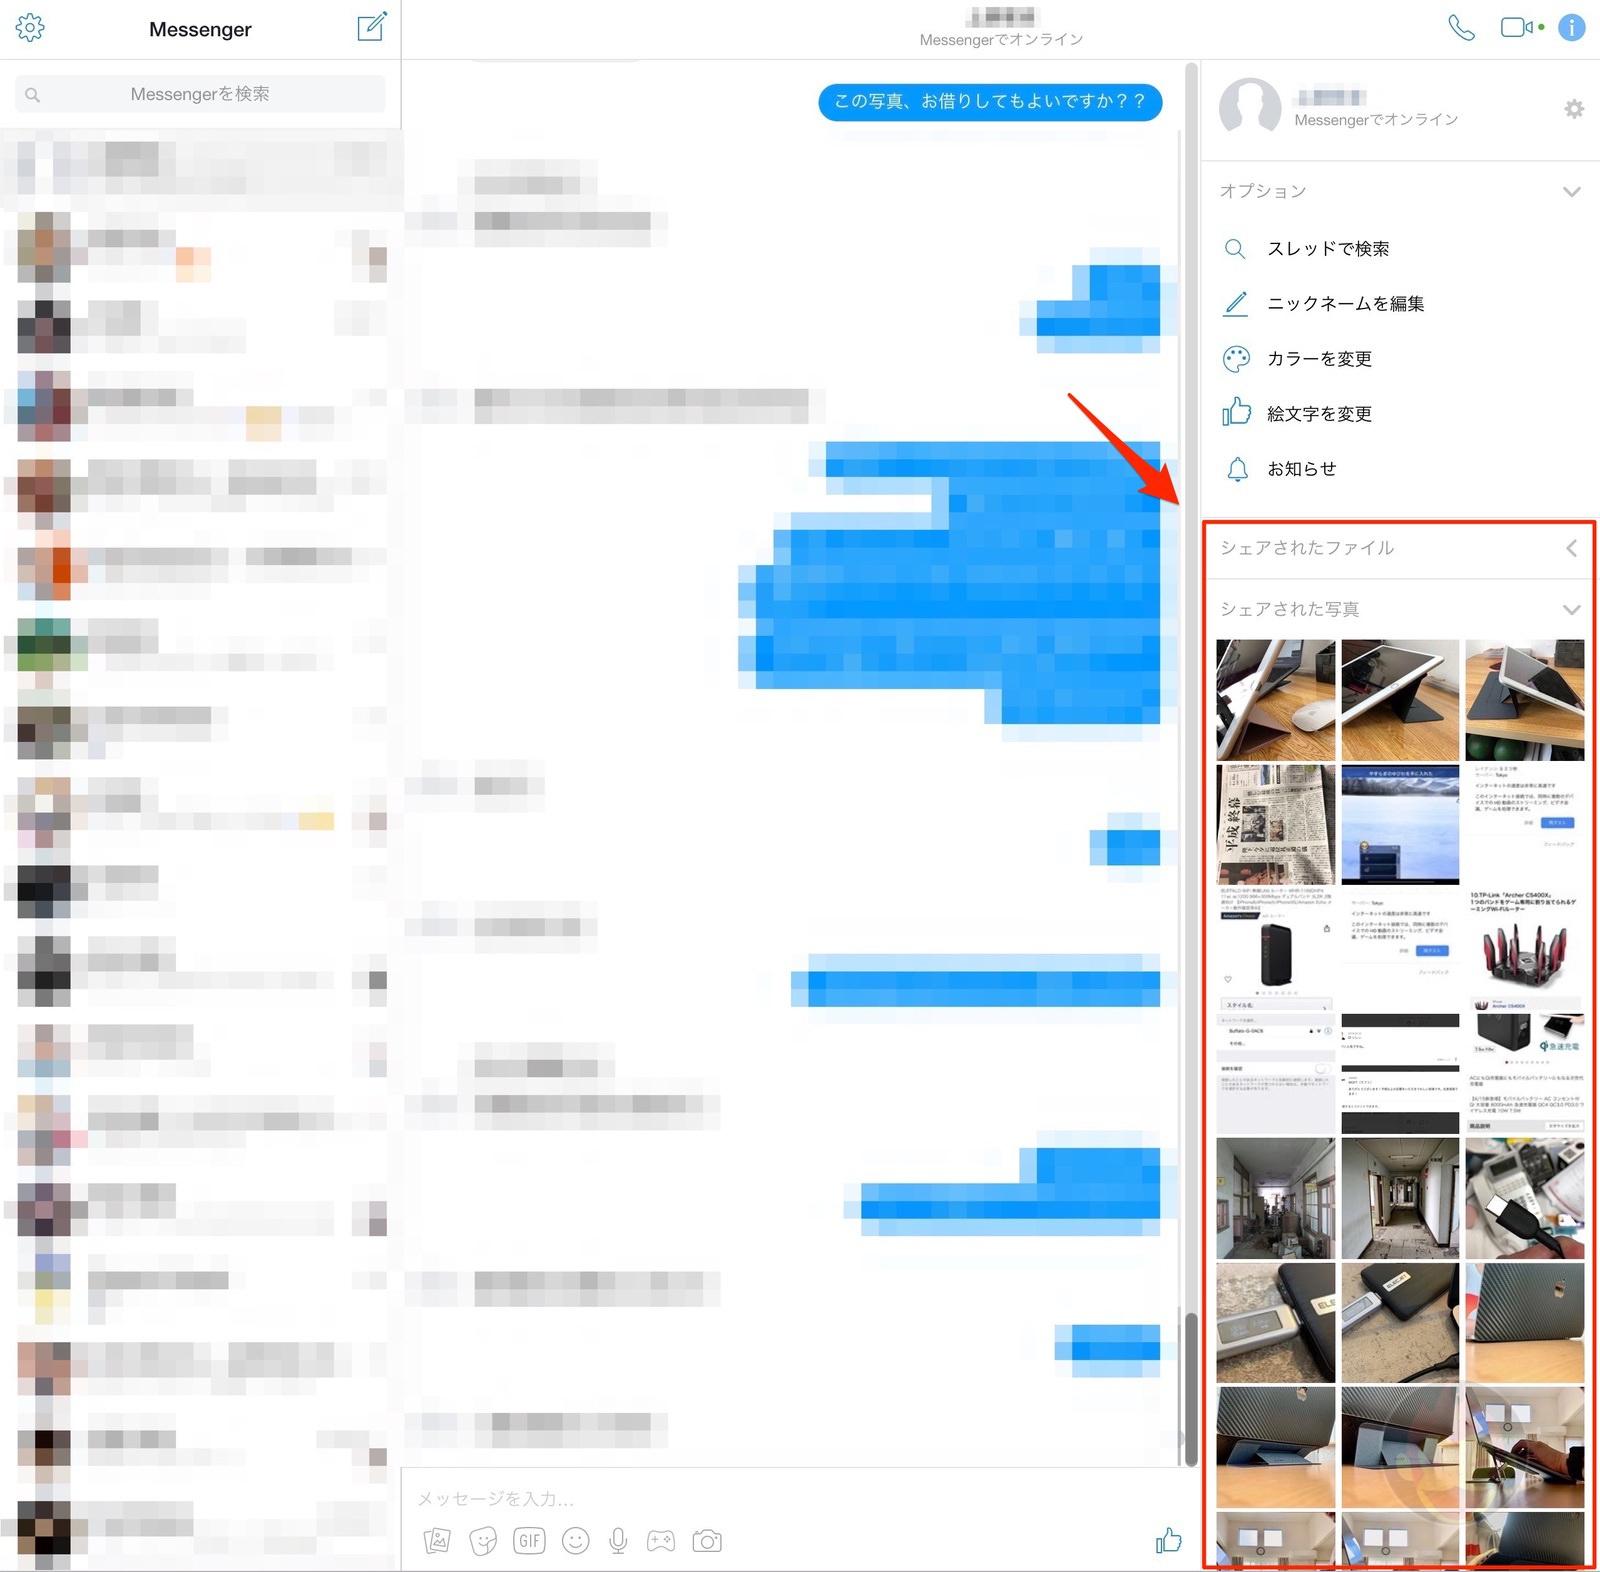 Messenger-Com-gallery-access-01.jpg